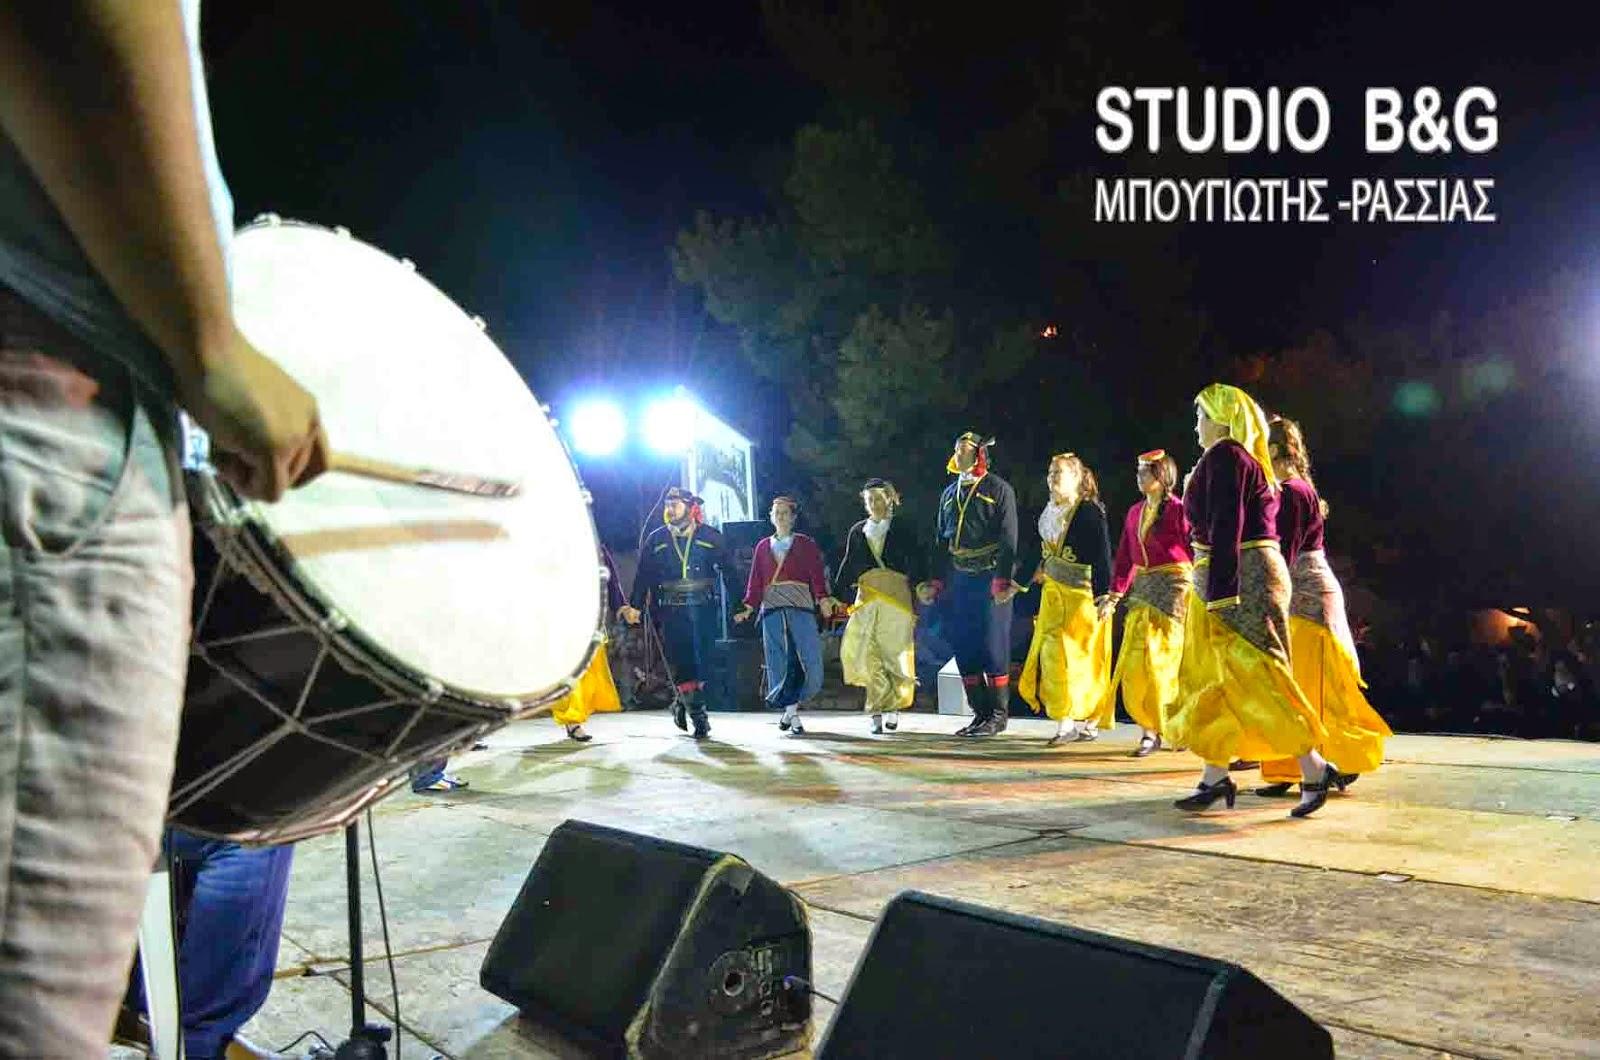 Άργος: Εκδήλωση με θέμα «ΒΥΖΑΝΤΙΟ-ΤΡΑΠΕΖΟΥΝΤΑ-ΠΑΝΑΓΙΑ ΣΟΥΜΕΛΑ»